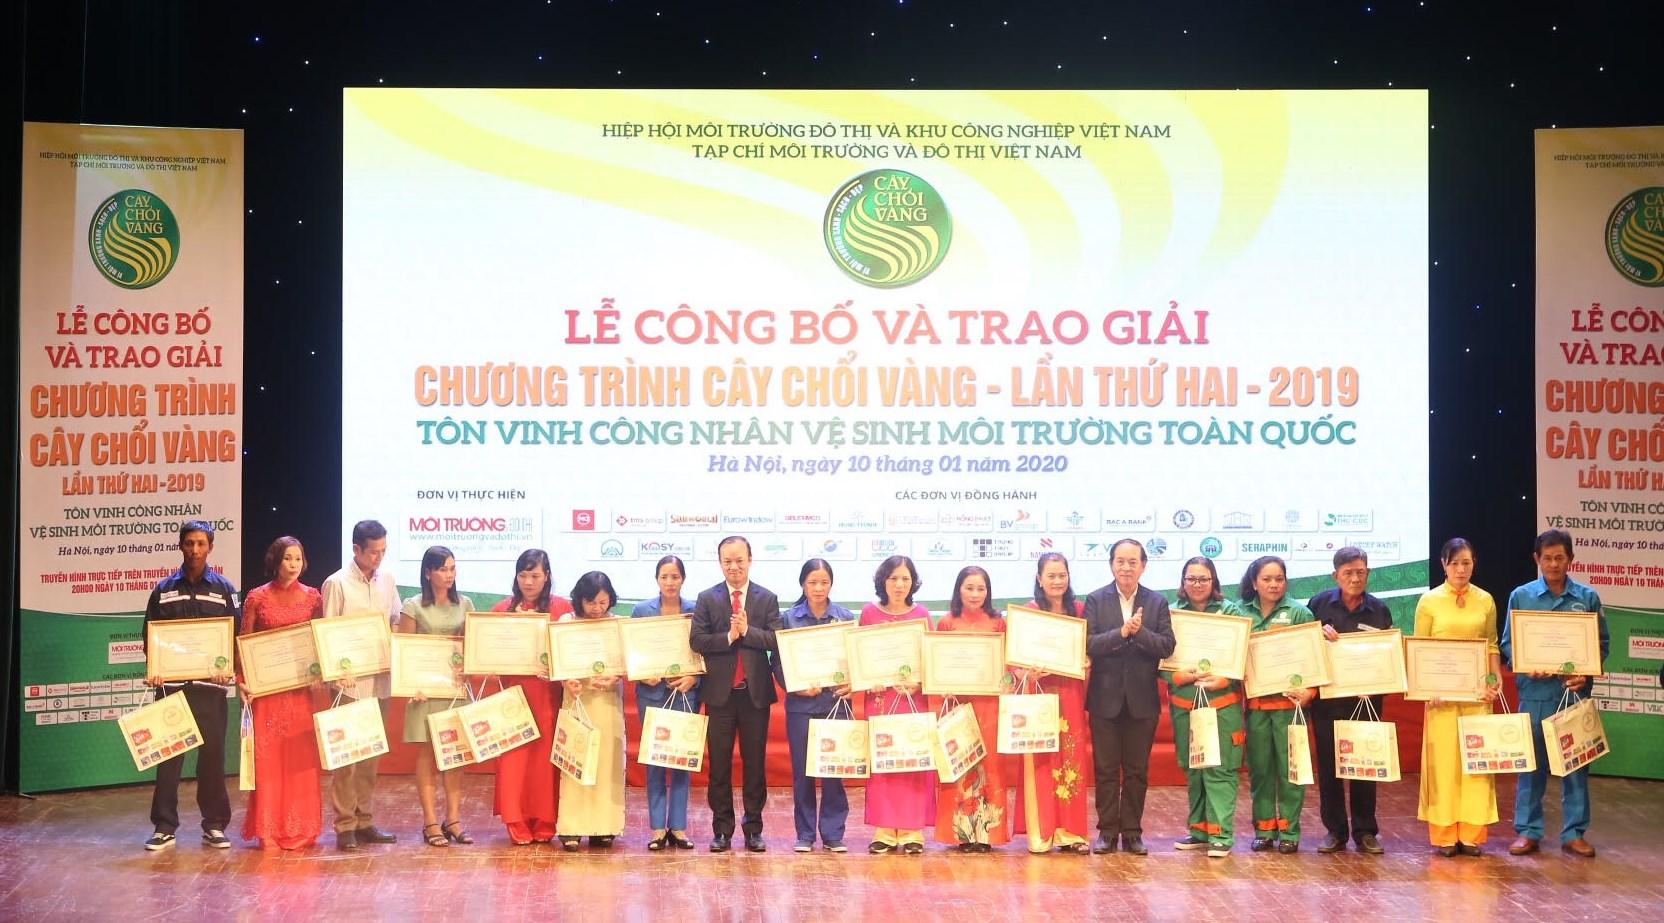 Ông Nguyễn Hữu Tiến, Tổng Giám đốc Công ty TNHH MTV Môi trường Đô thị Hà Nội trao giải thưởng và quà Tết cho những công nhân có thành tích xuất sắc